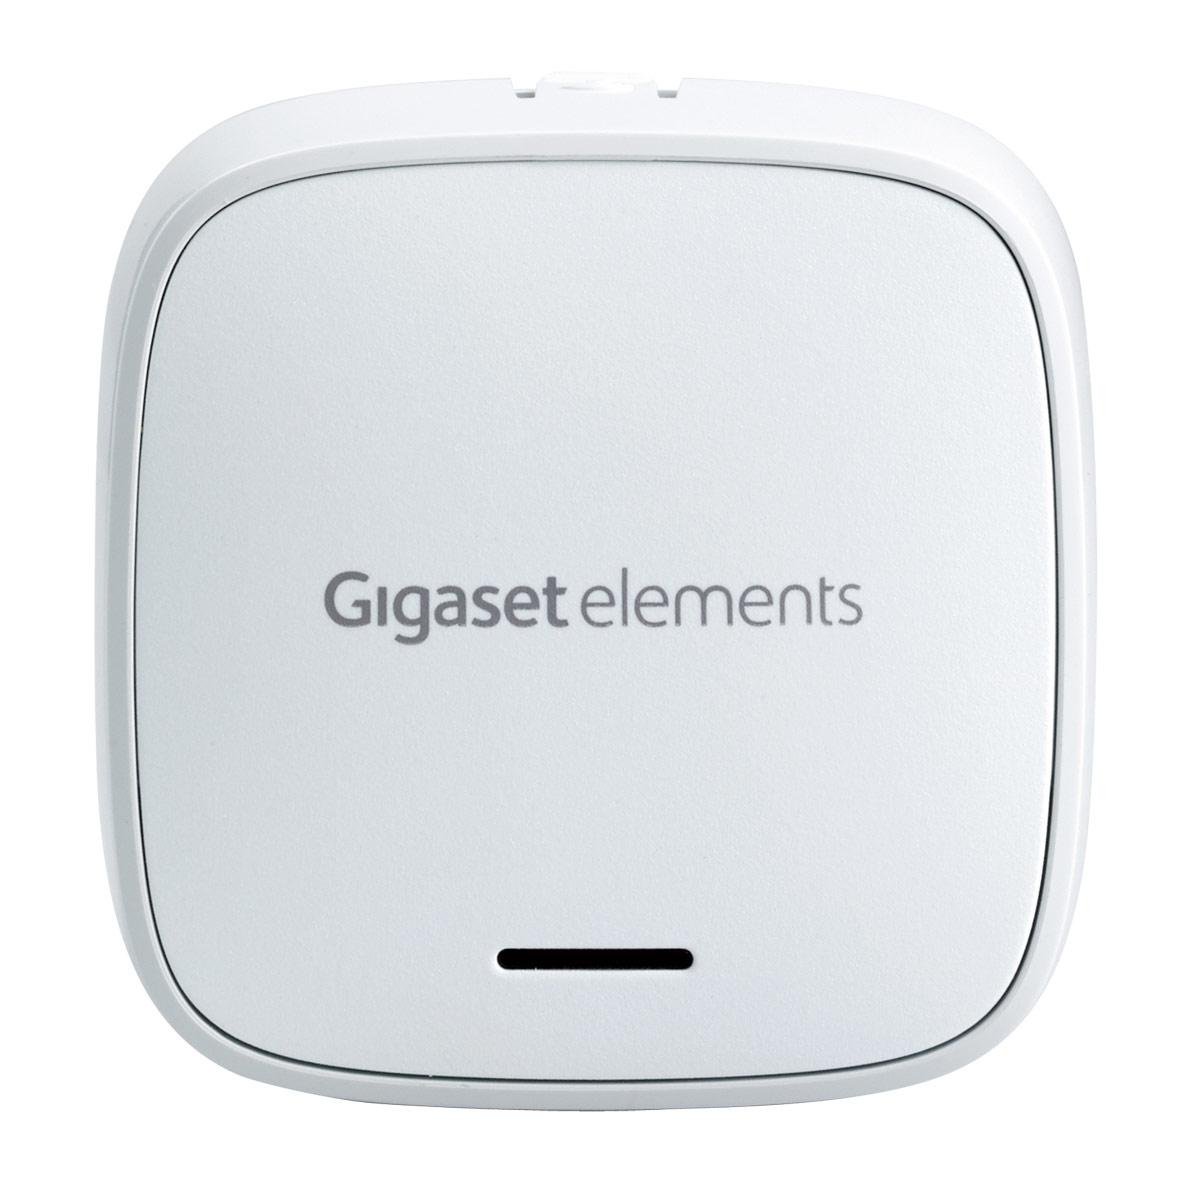 gigaset elements capteur de porte d tecteurs et capteurs gigaset sur. Black Bedroom Furniture Sets. Home Design Ideas